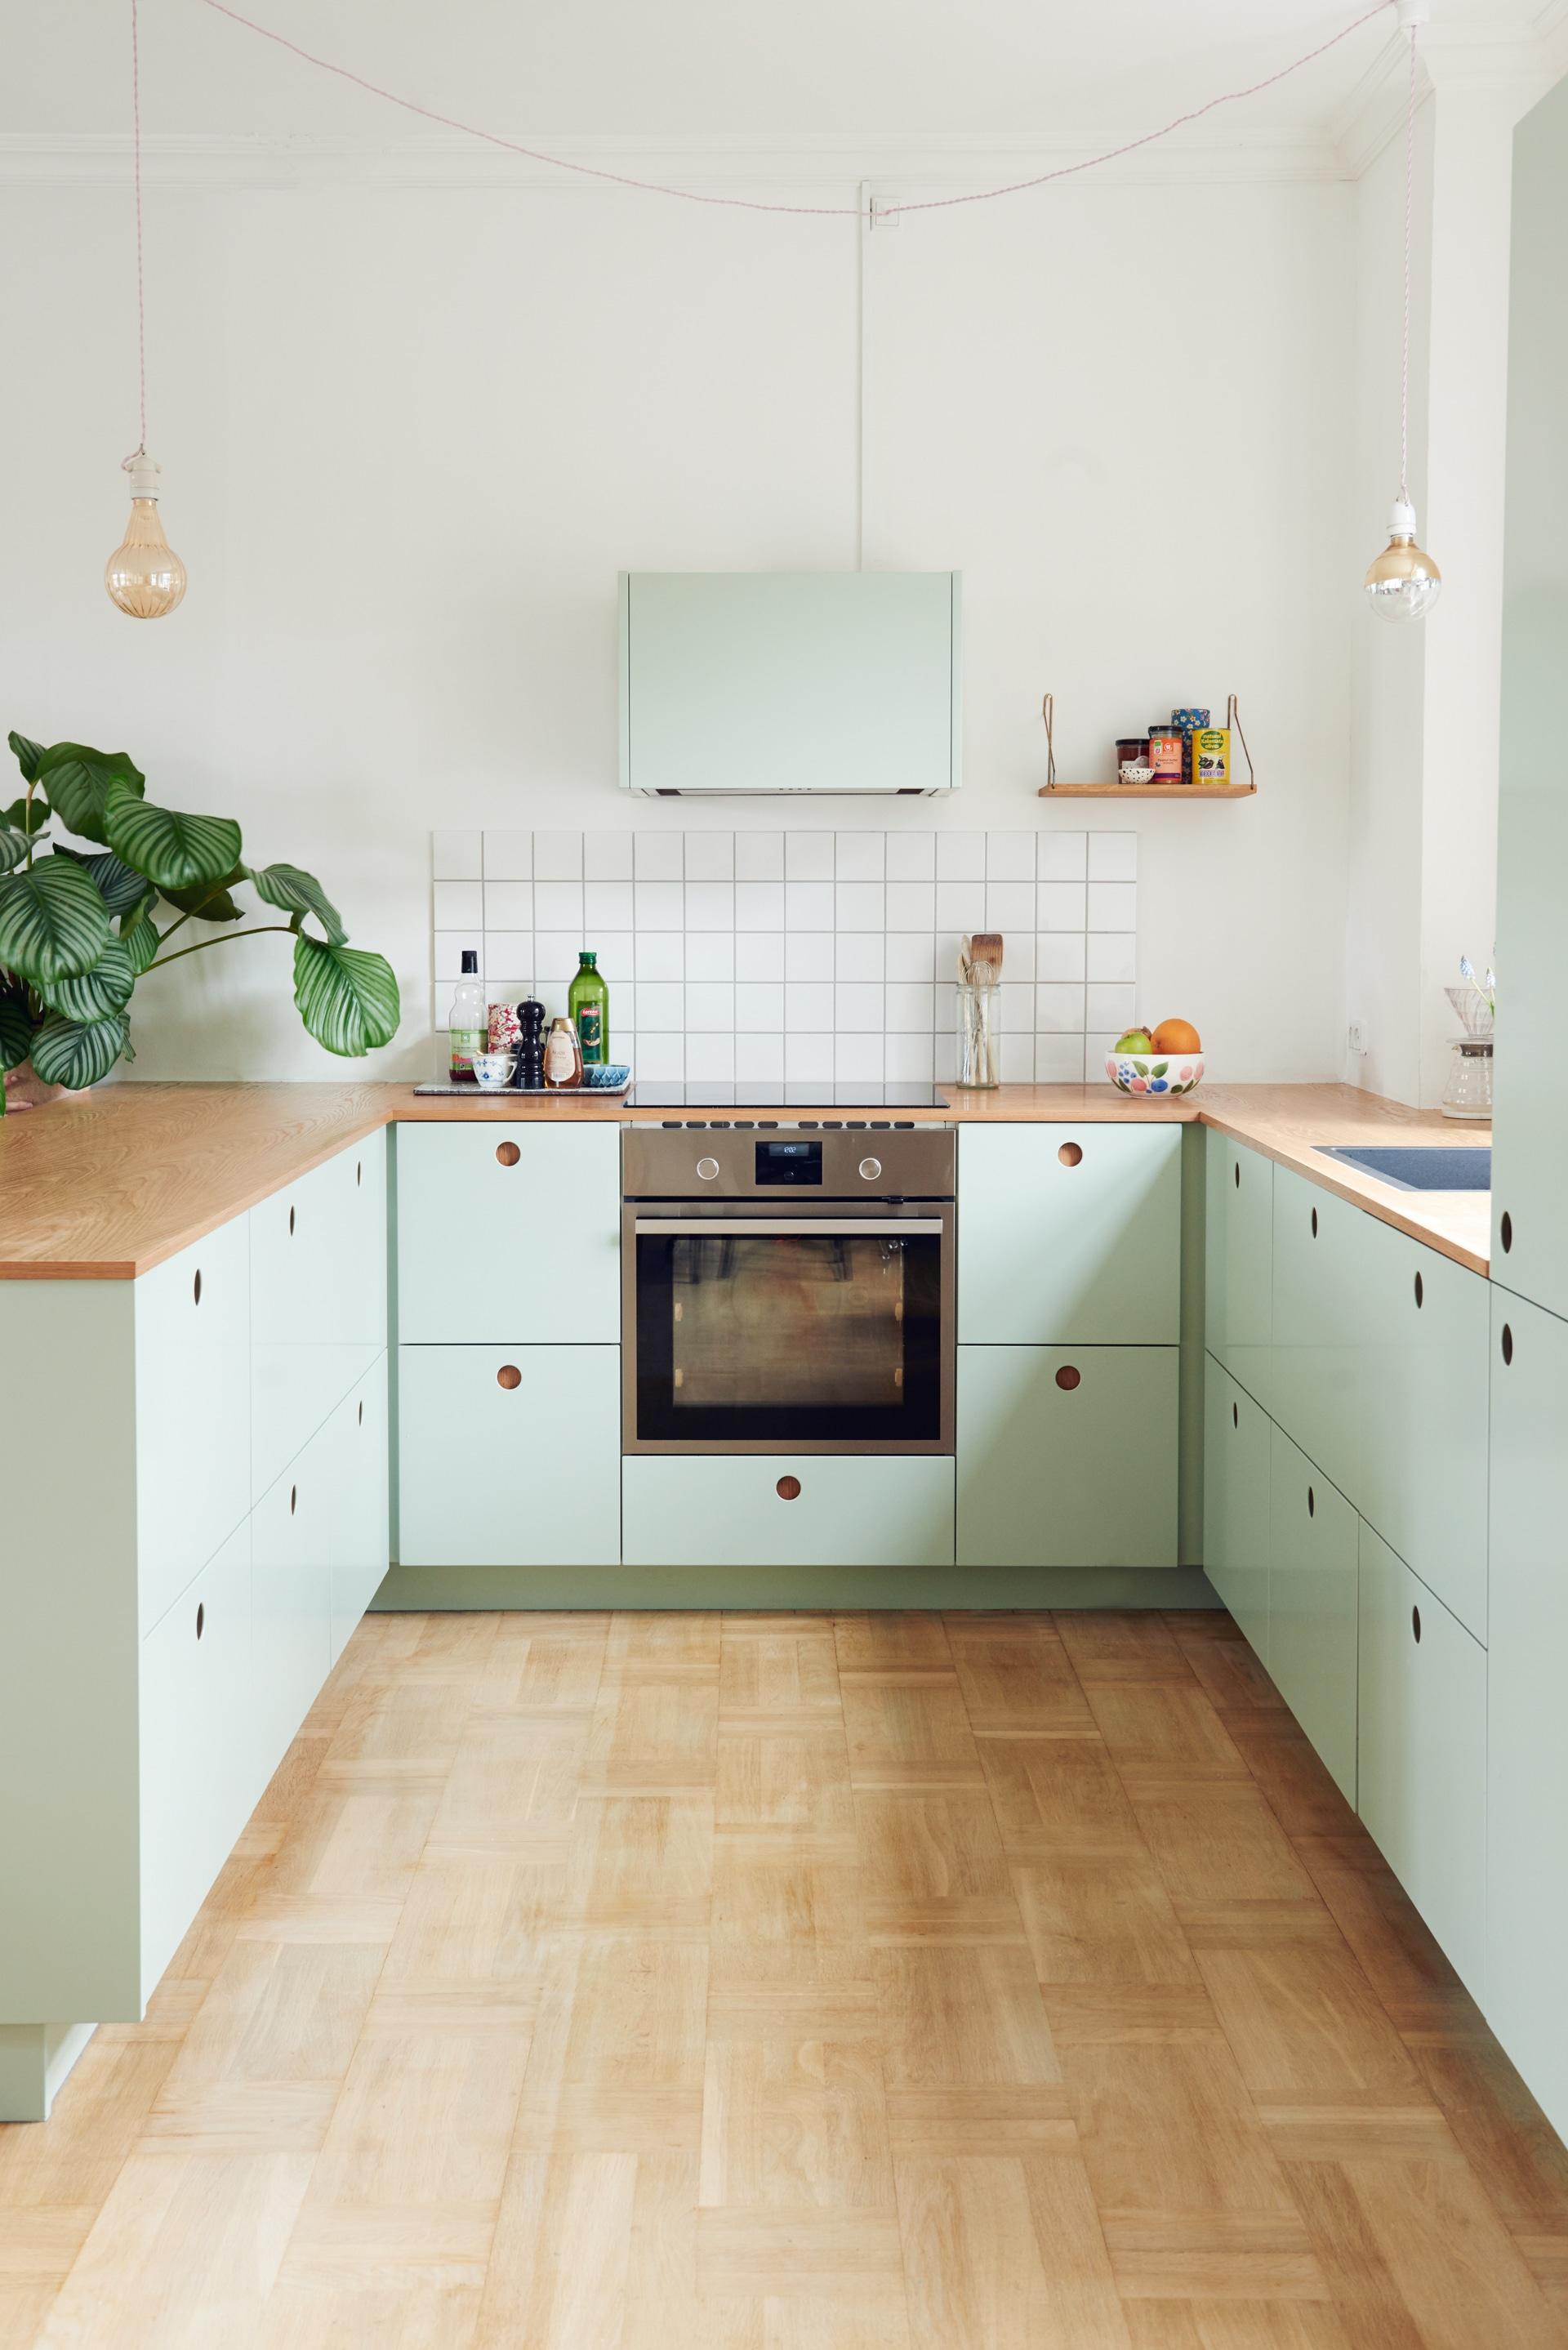 Porte Cuisine Sur Mesure Ikea reform ou comment relooker une cuisine ikea - turbulences déco